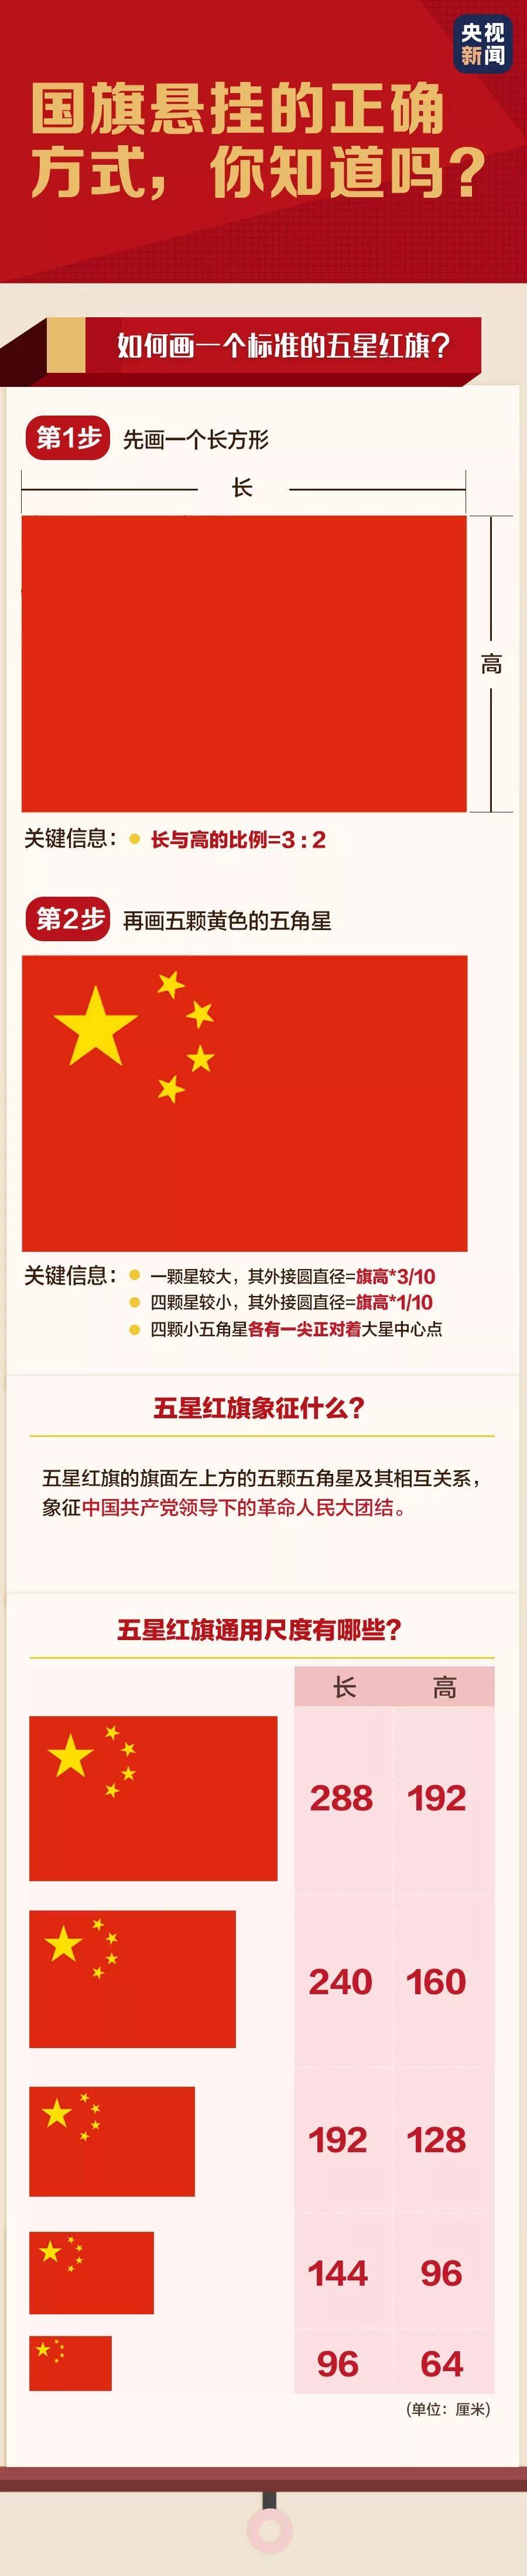 臧铁伟:香港事务处理必须在法治的轨道上予以解决